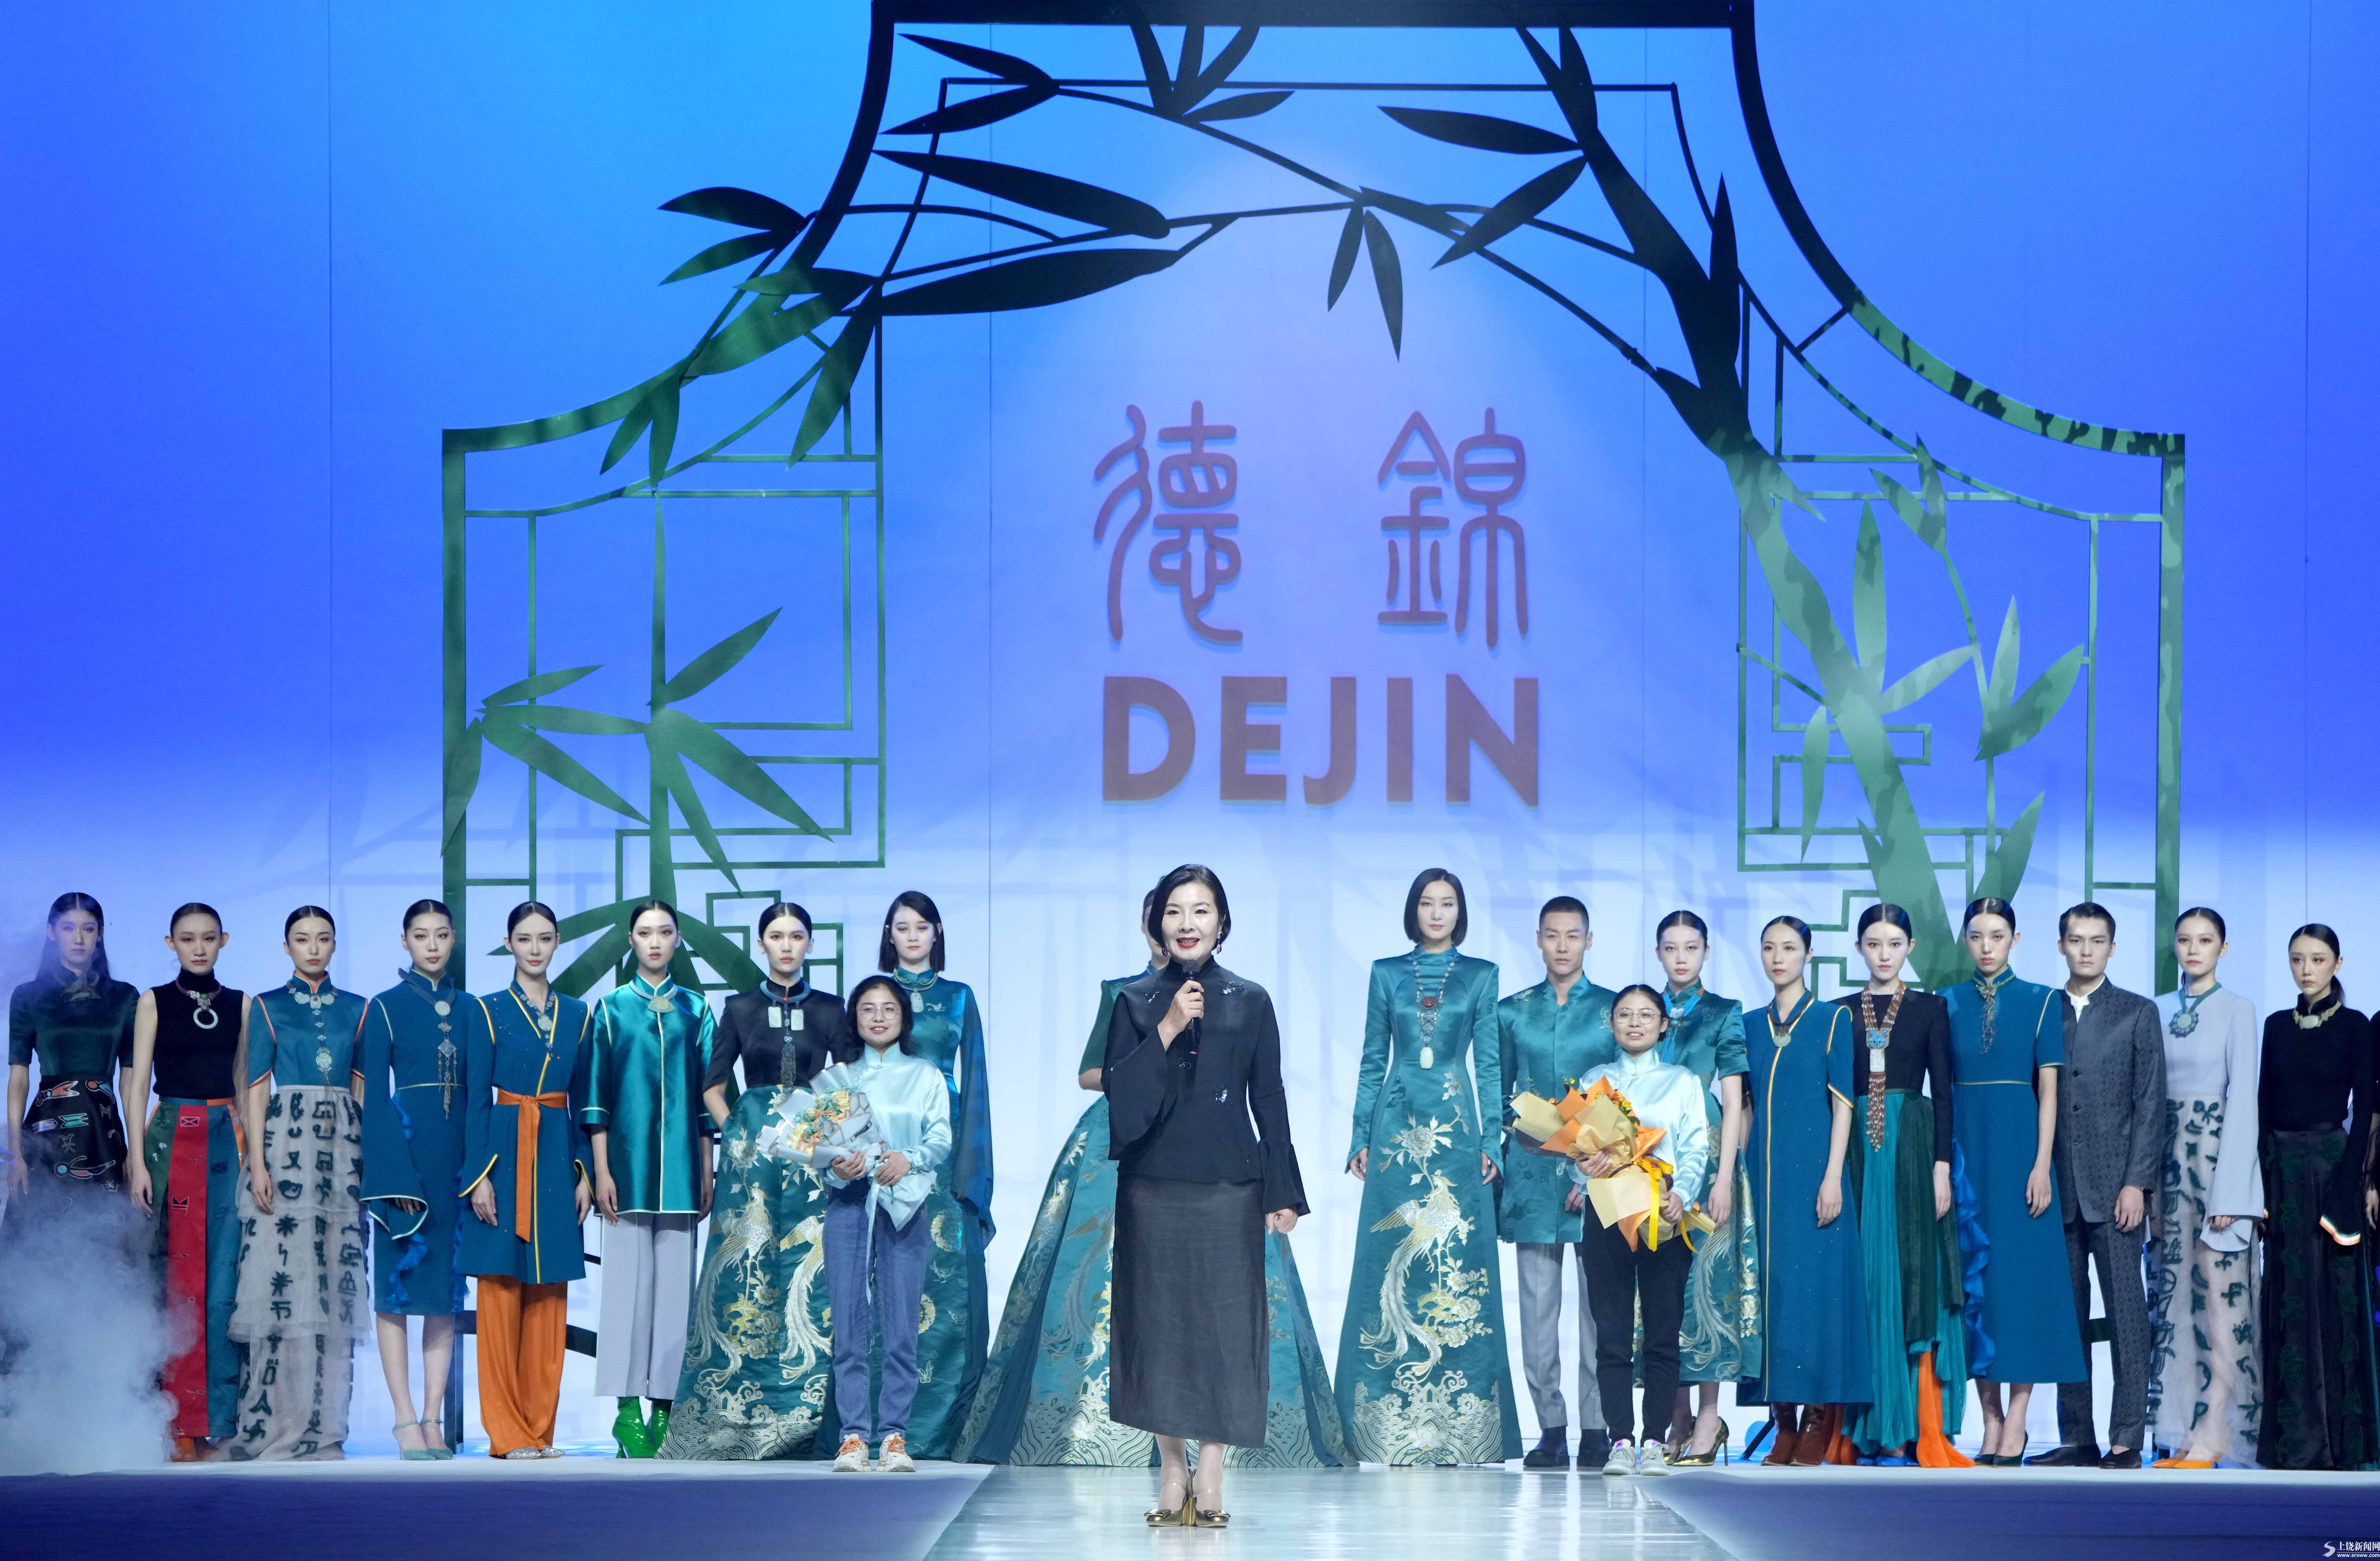 德锦·周丽2022春夏系列发布在京举行